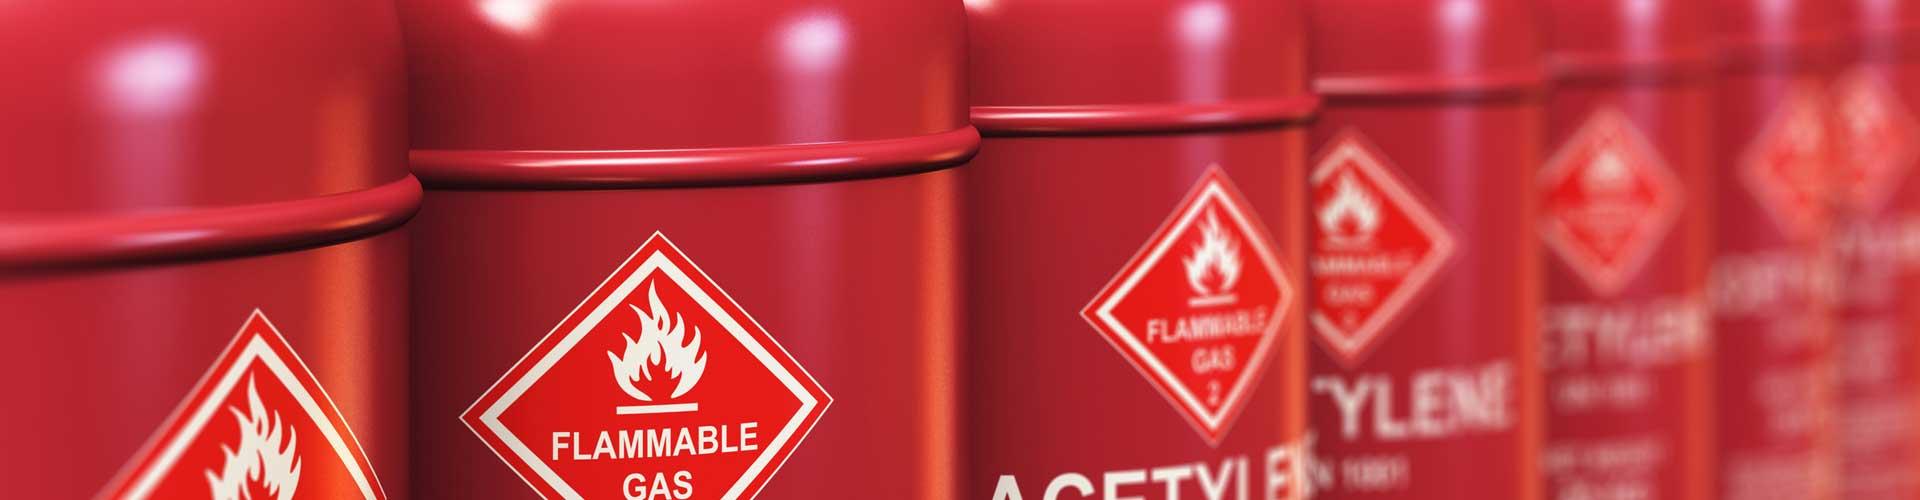 acetylen gasflaschen in verschiedenen reinheiten mieten oder kaufen. Black Bedroom Furniture Sets. Home Design Ideas